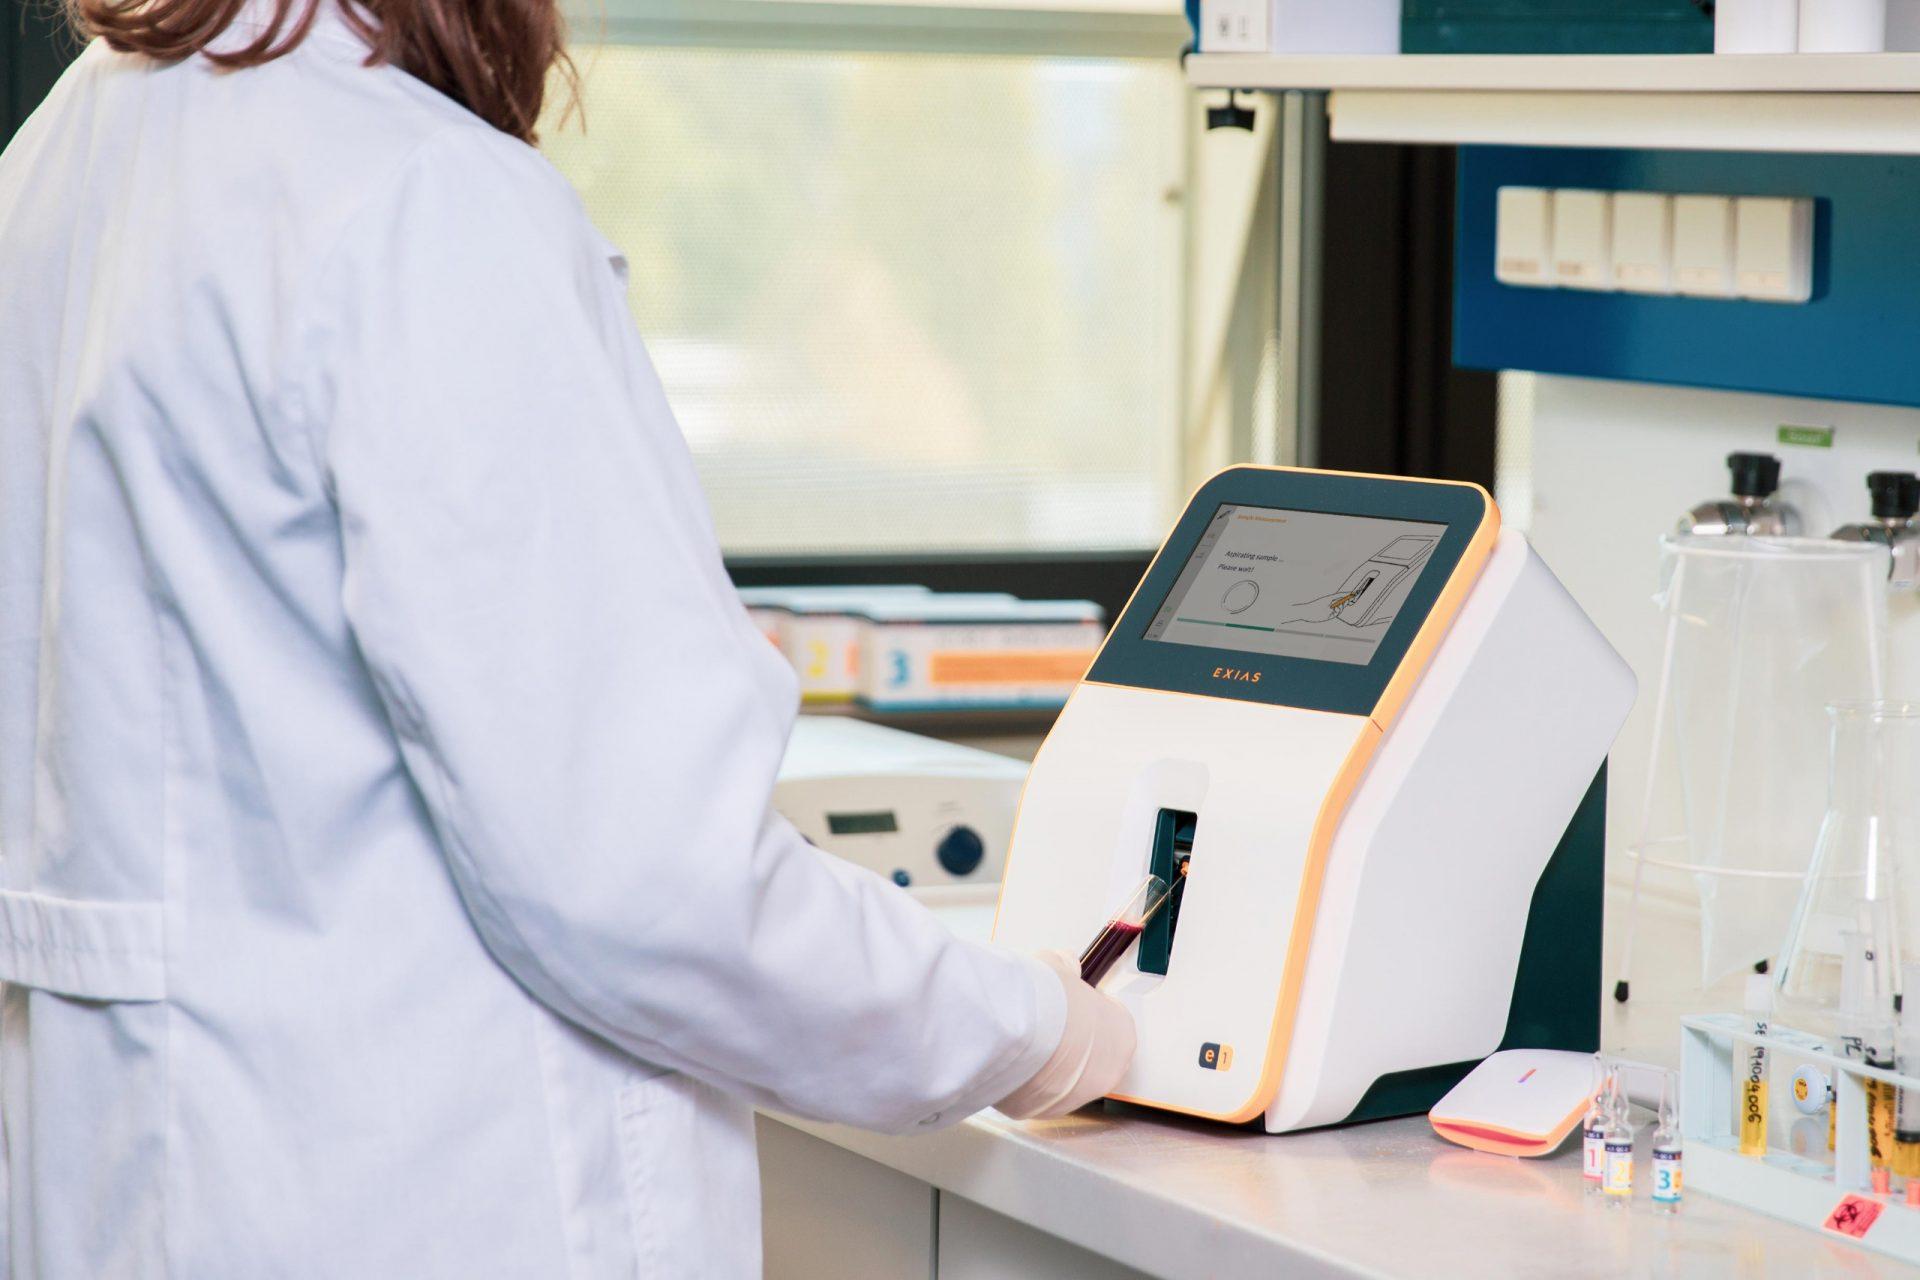 Electrolyte Analyzer in use